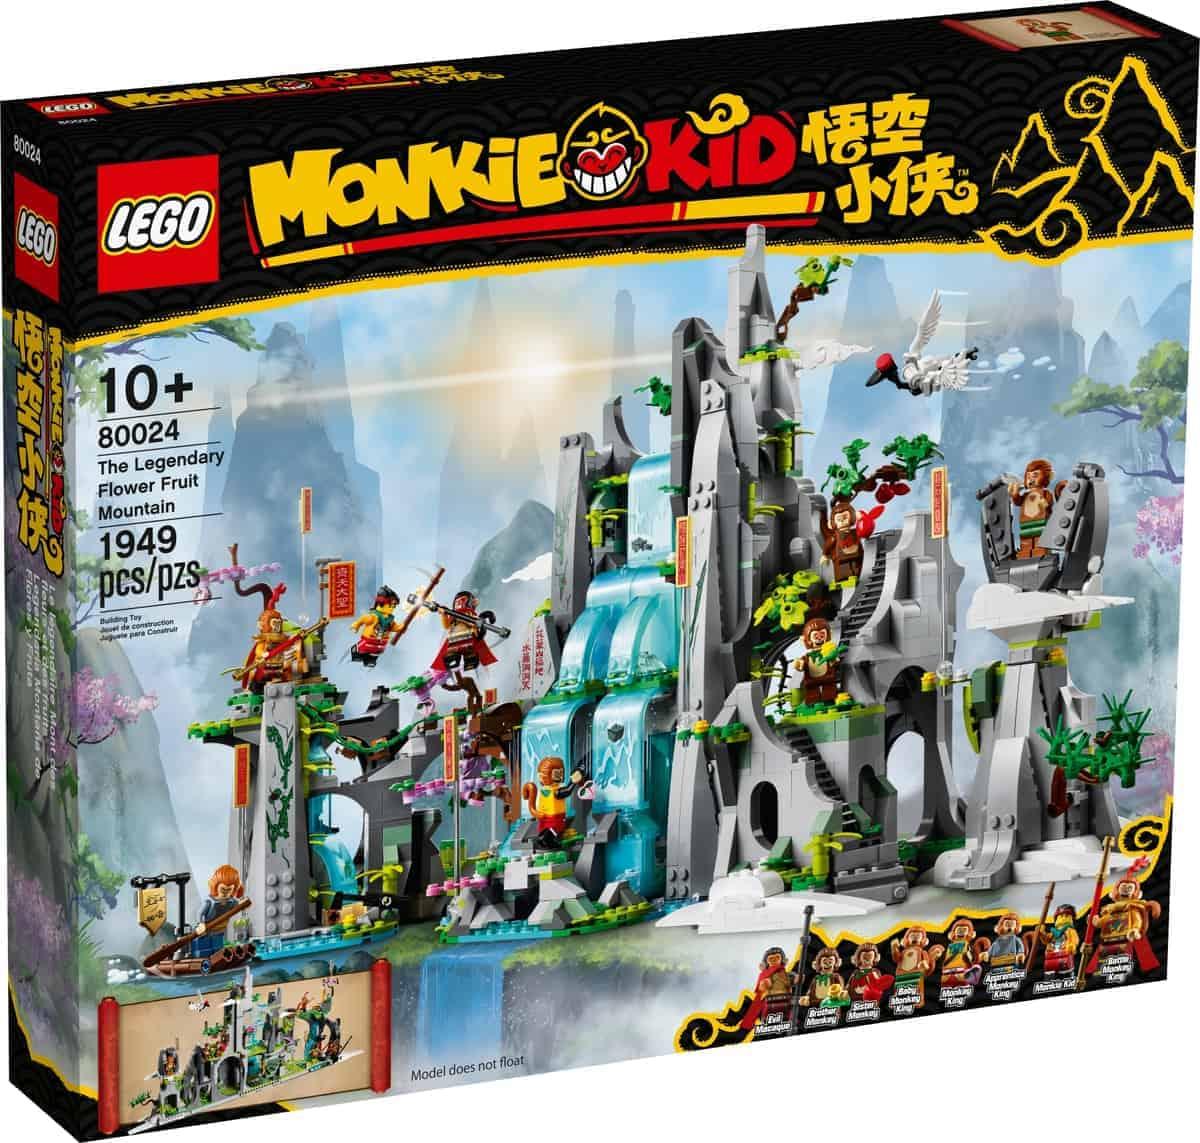 lego 80024 the legendary flower fruit mountain